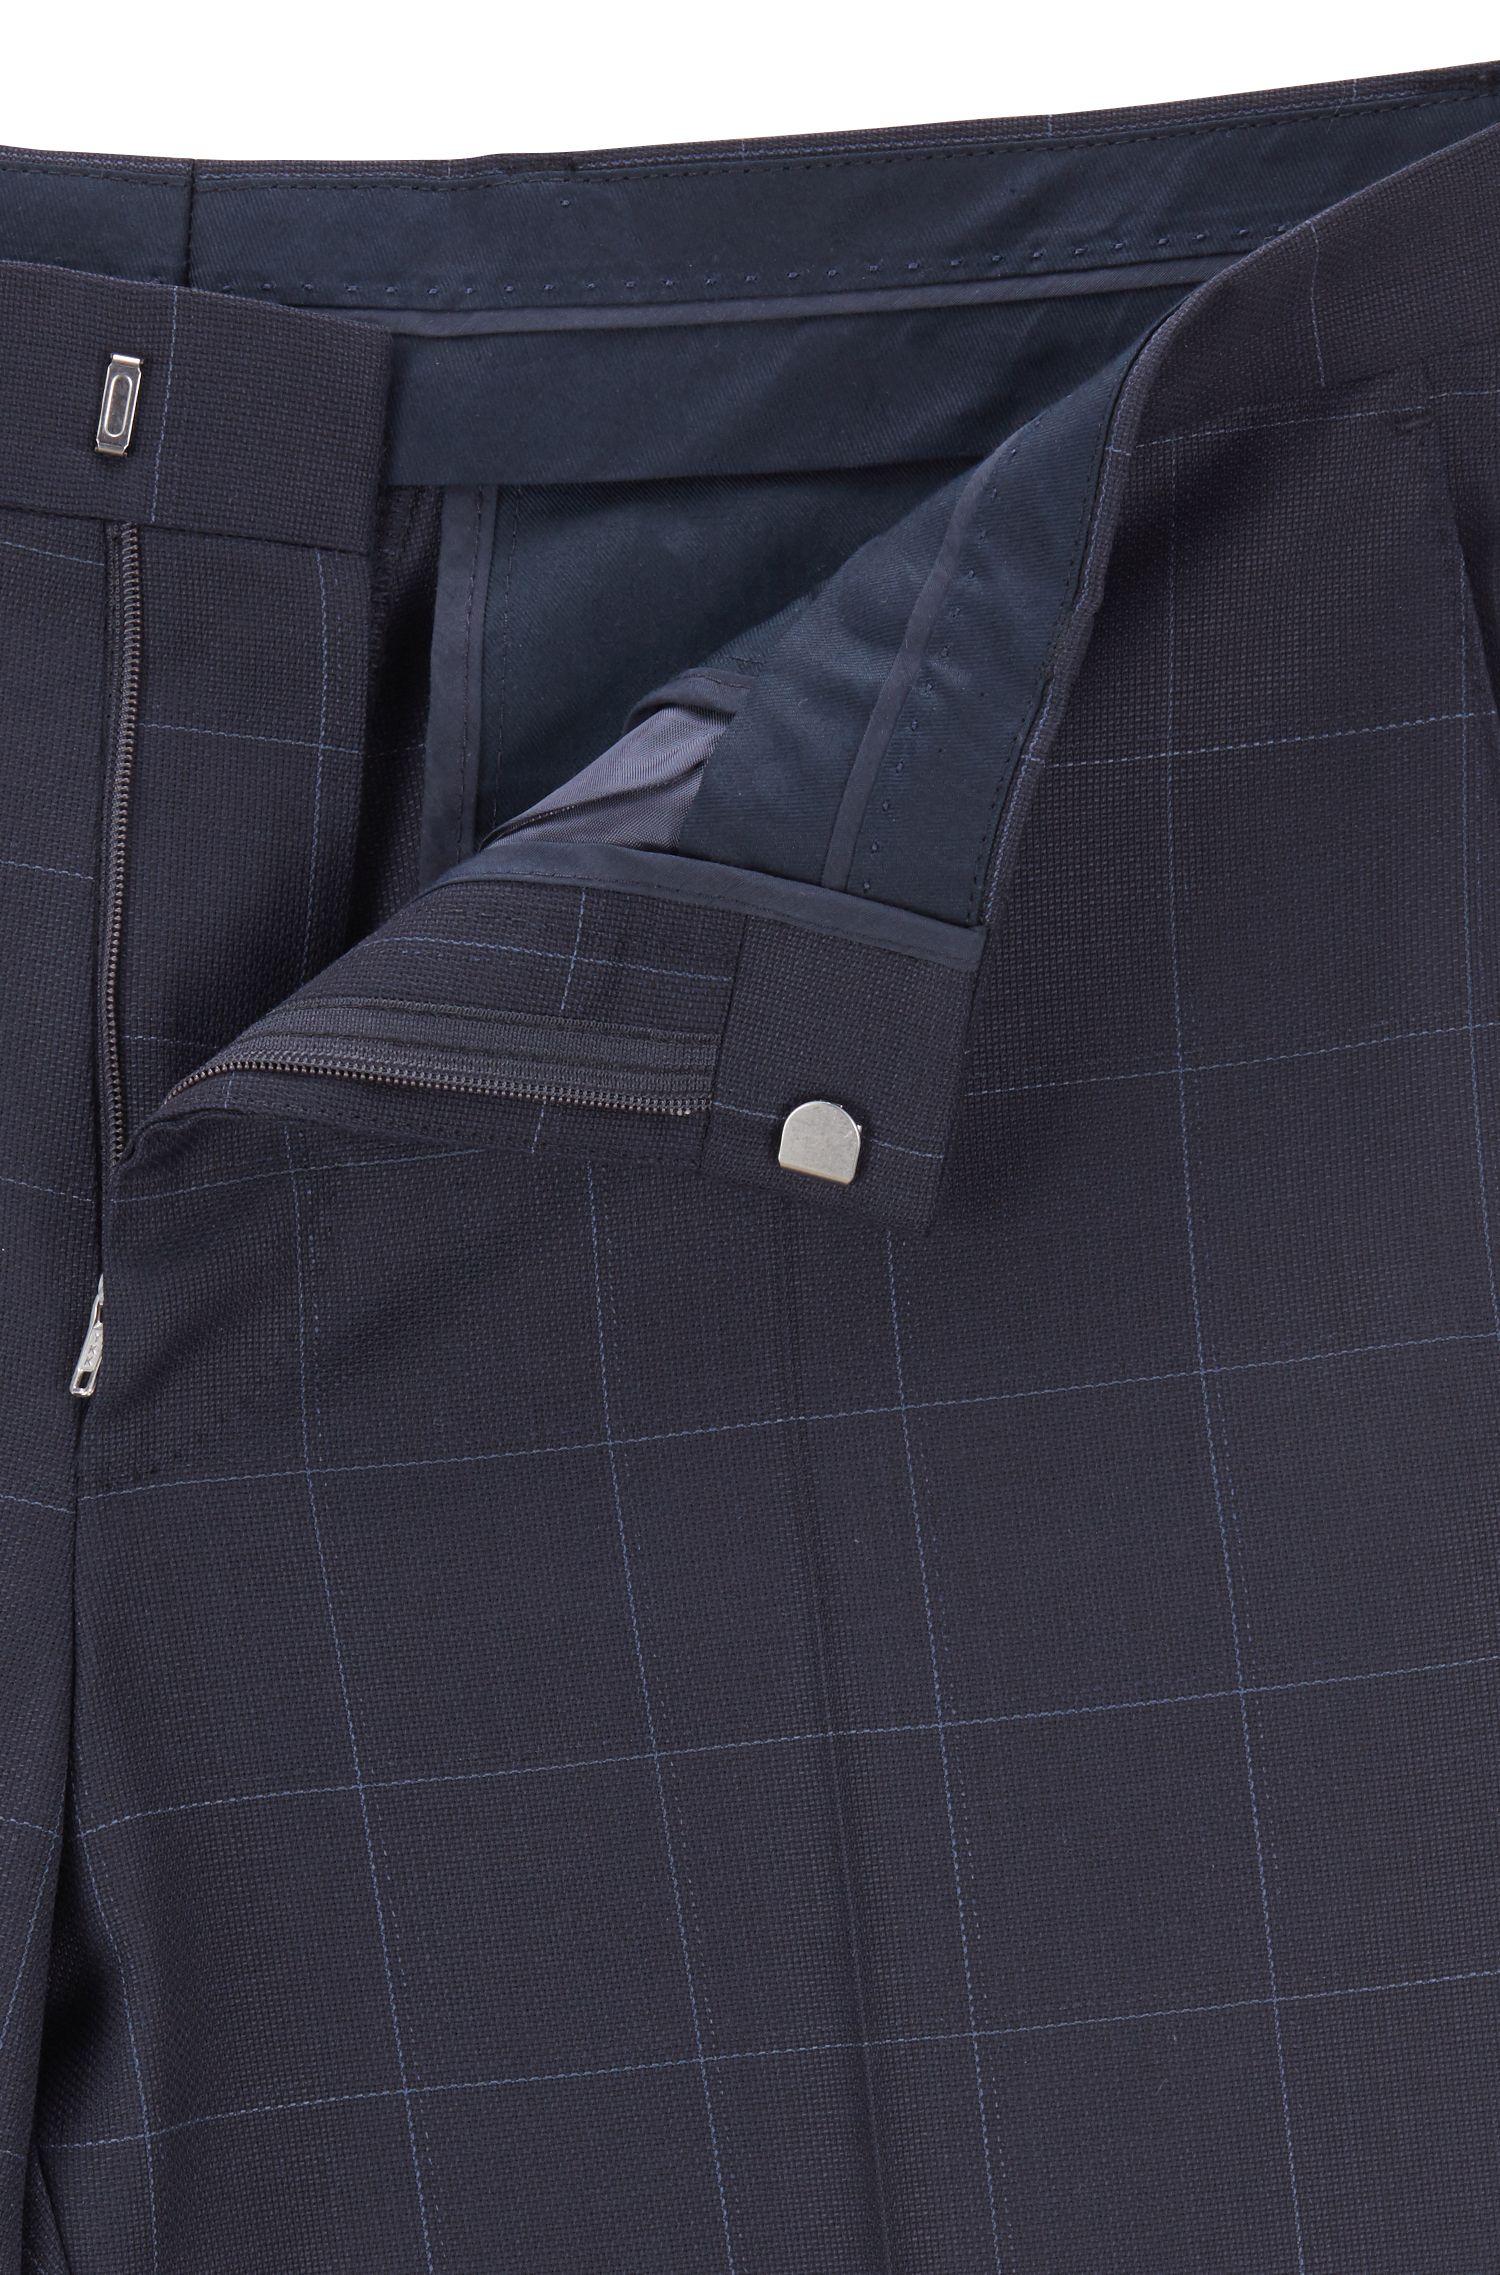 Karierter Slim-Fit Anzug aus Schurwoll-Serge, Blau